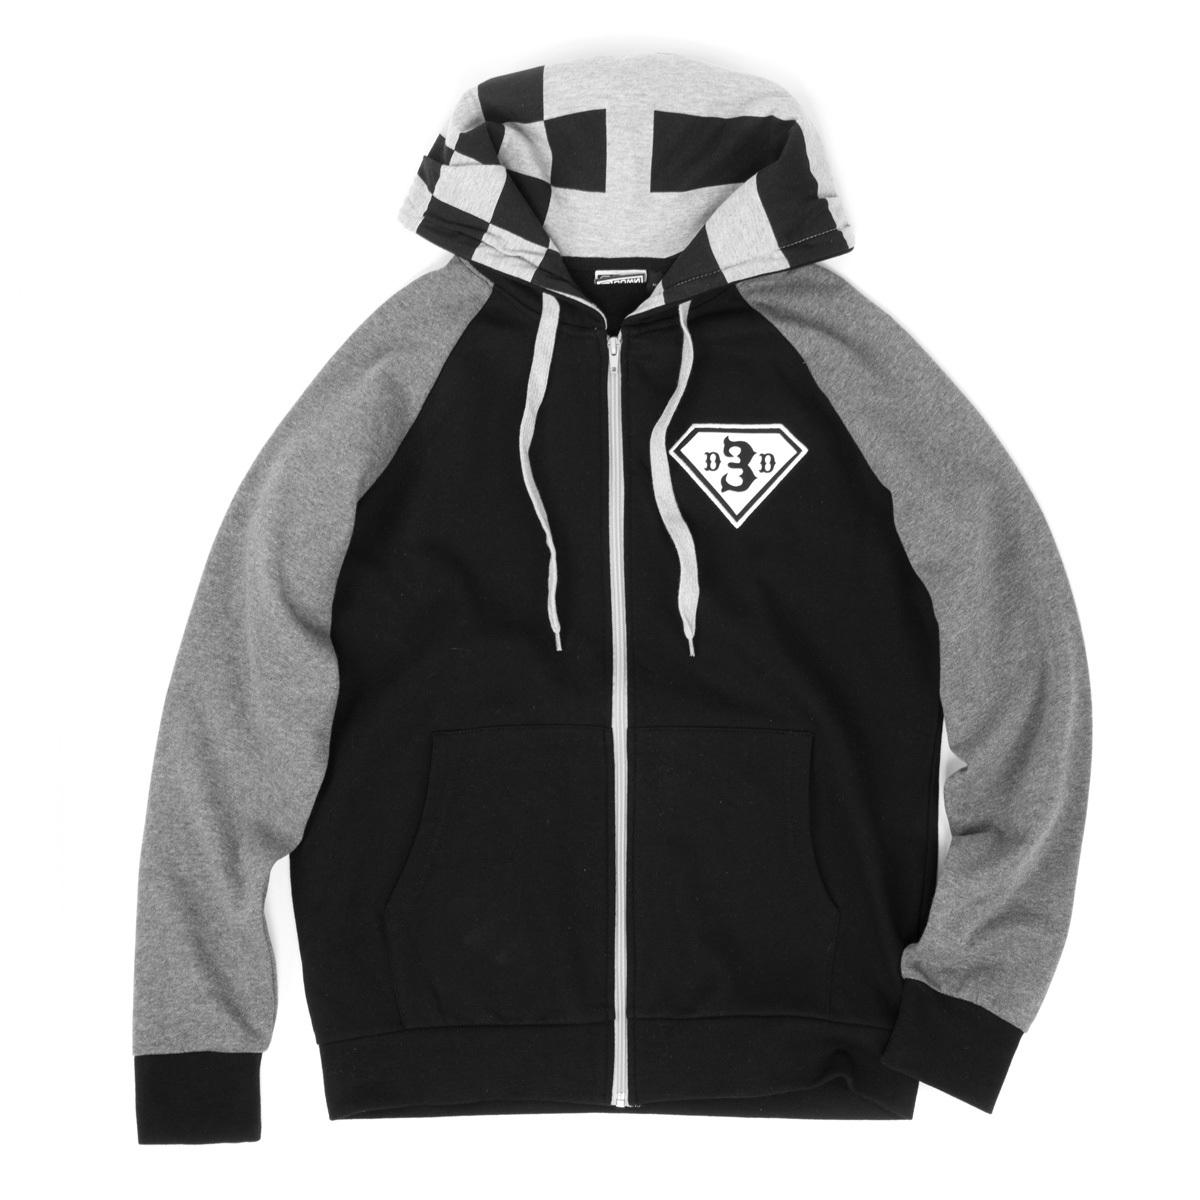 3 Doors Down Custom Black Hoodie